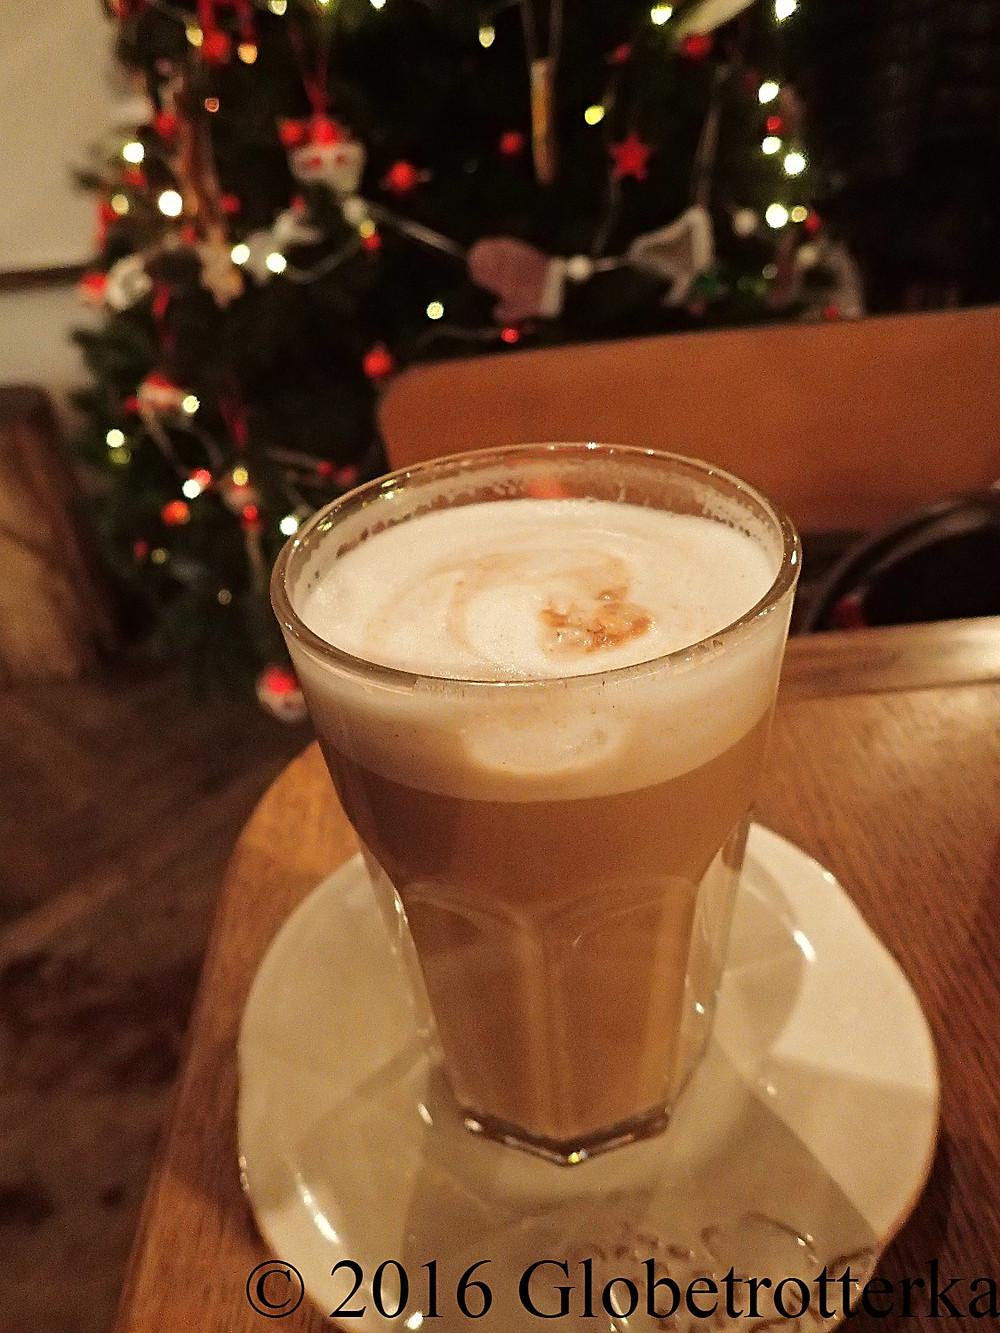 Café latte au lait de soja et à la cannelle © 2016 Globetrotterka